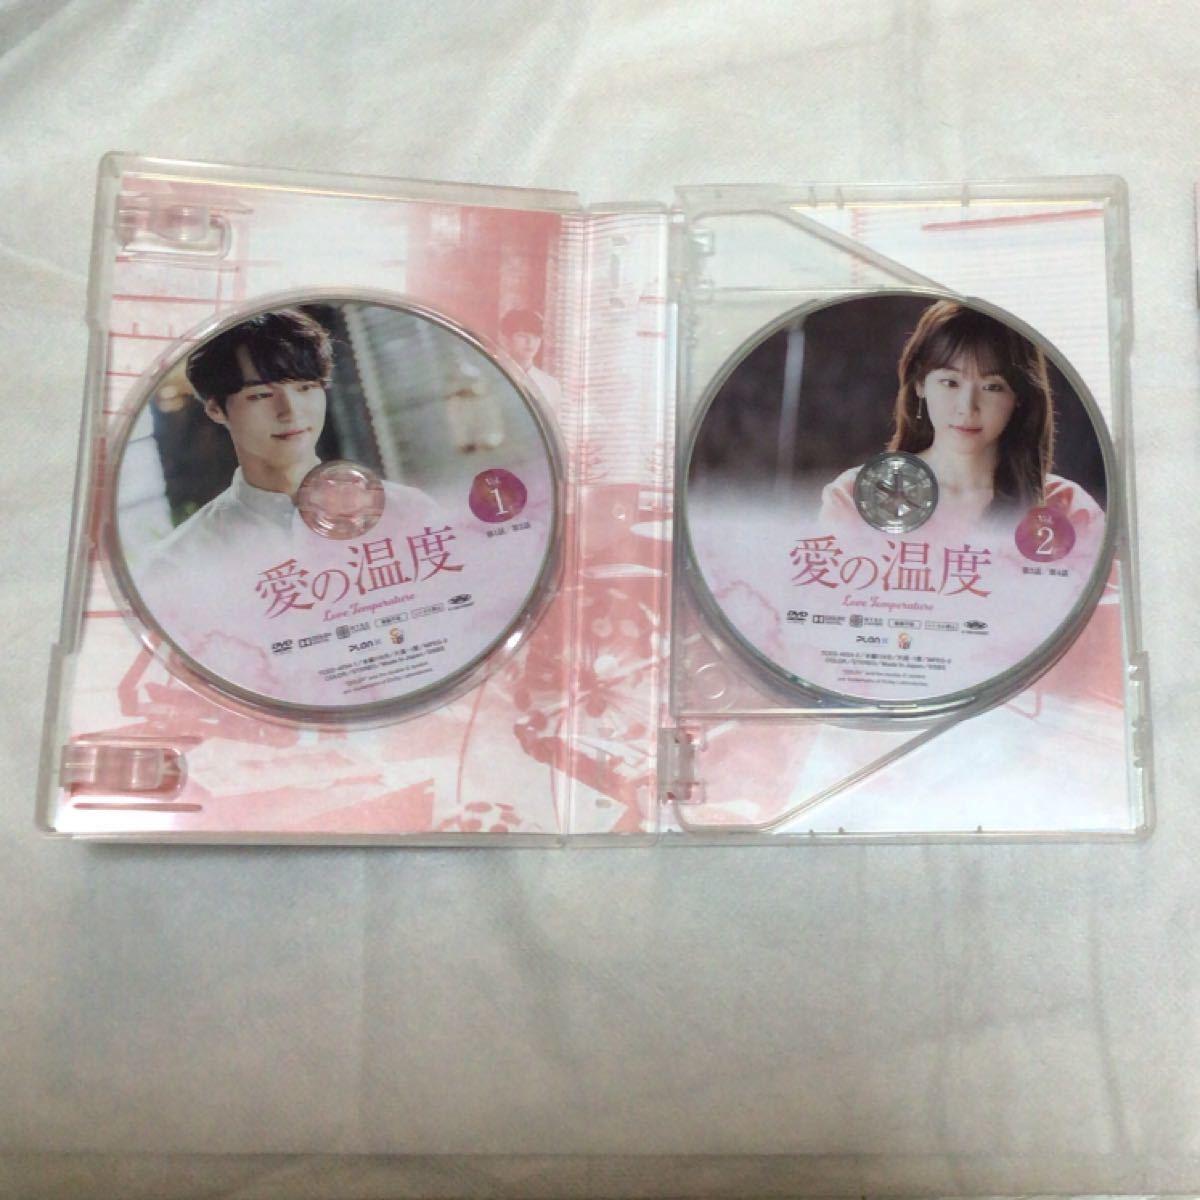 愛の温度 DVD BOX1 ヤンセジョン 韓国ドラマ DVD-BOX 正規品